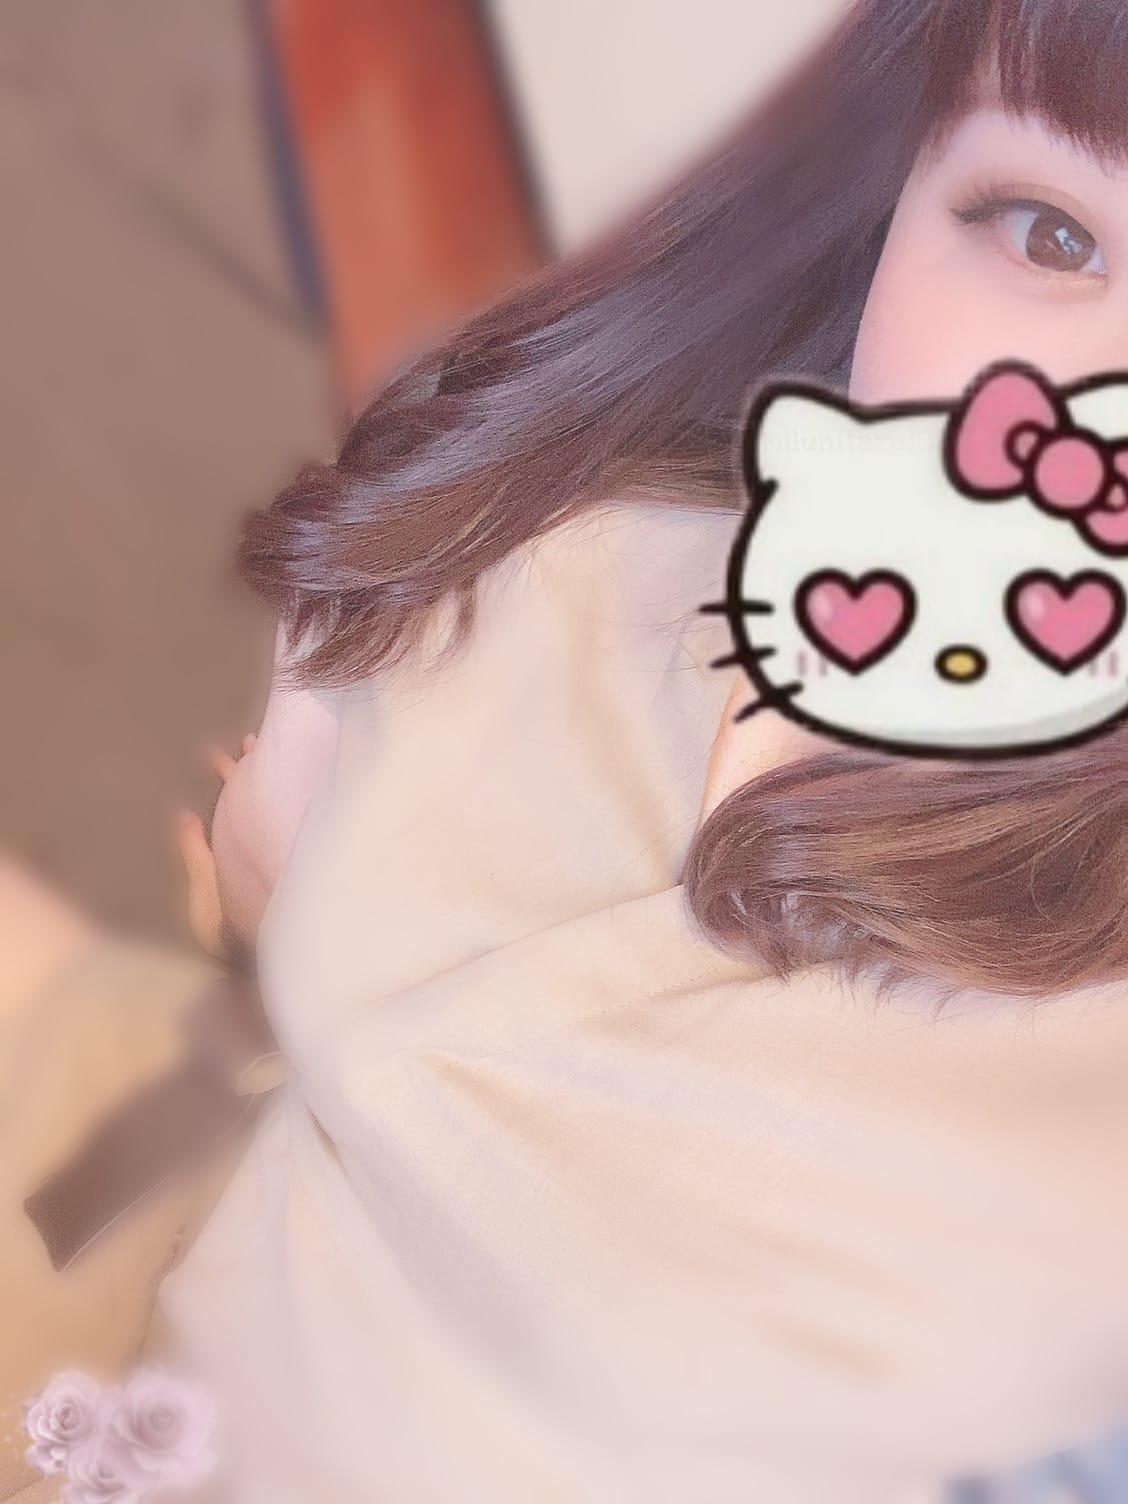 「出勤です^._.^」10/15(金) 13:04 | 猫矢 あすかの写メ日記